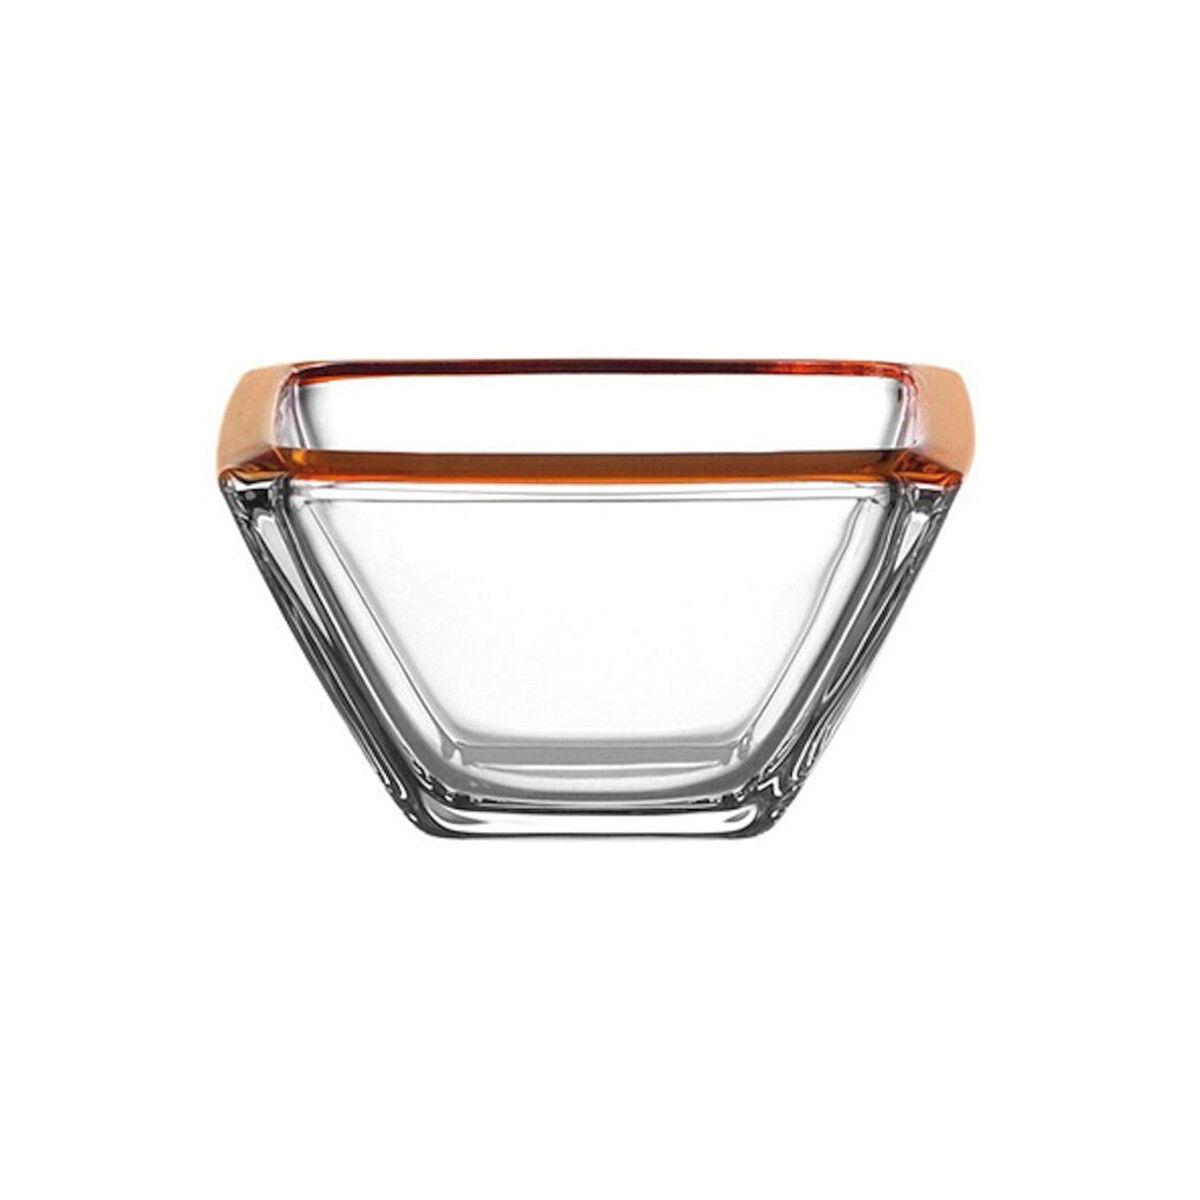 Leonardo - Corner Arancione - 6 Coppette cm 12,5x12,5x h 7 -  Rivenditore